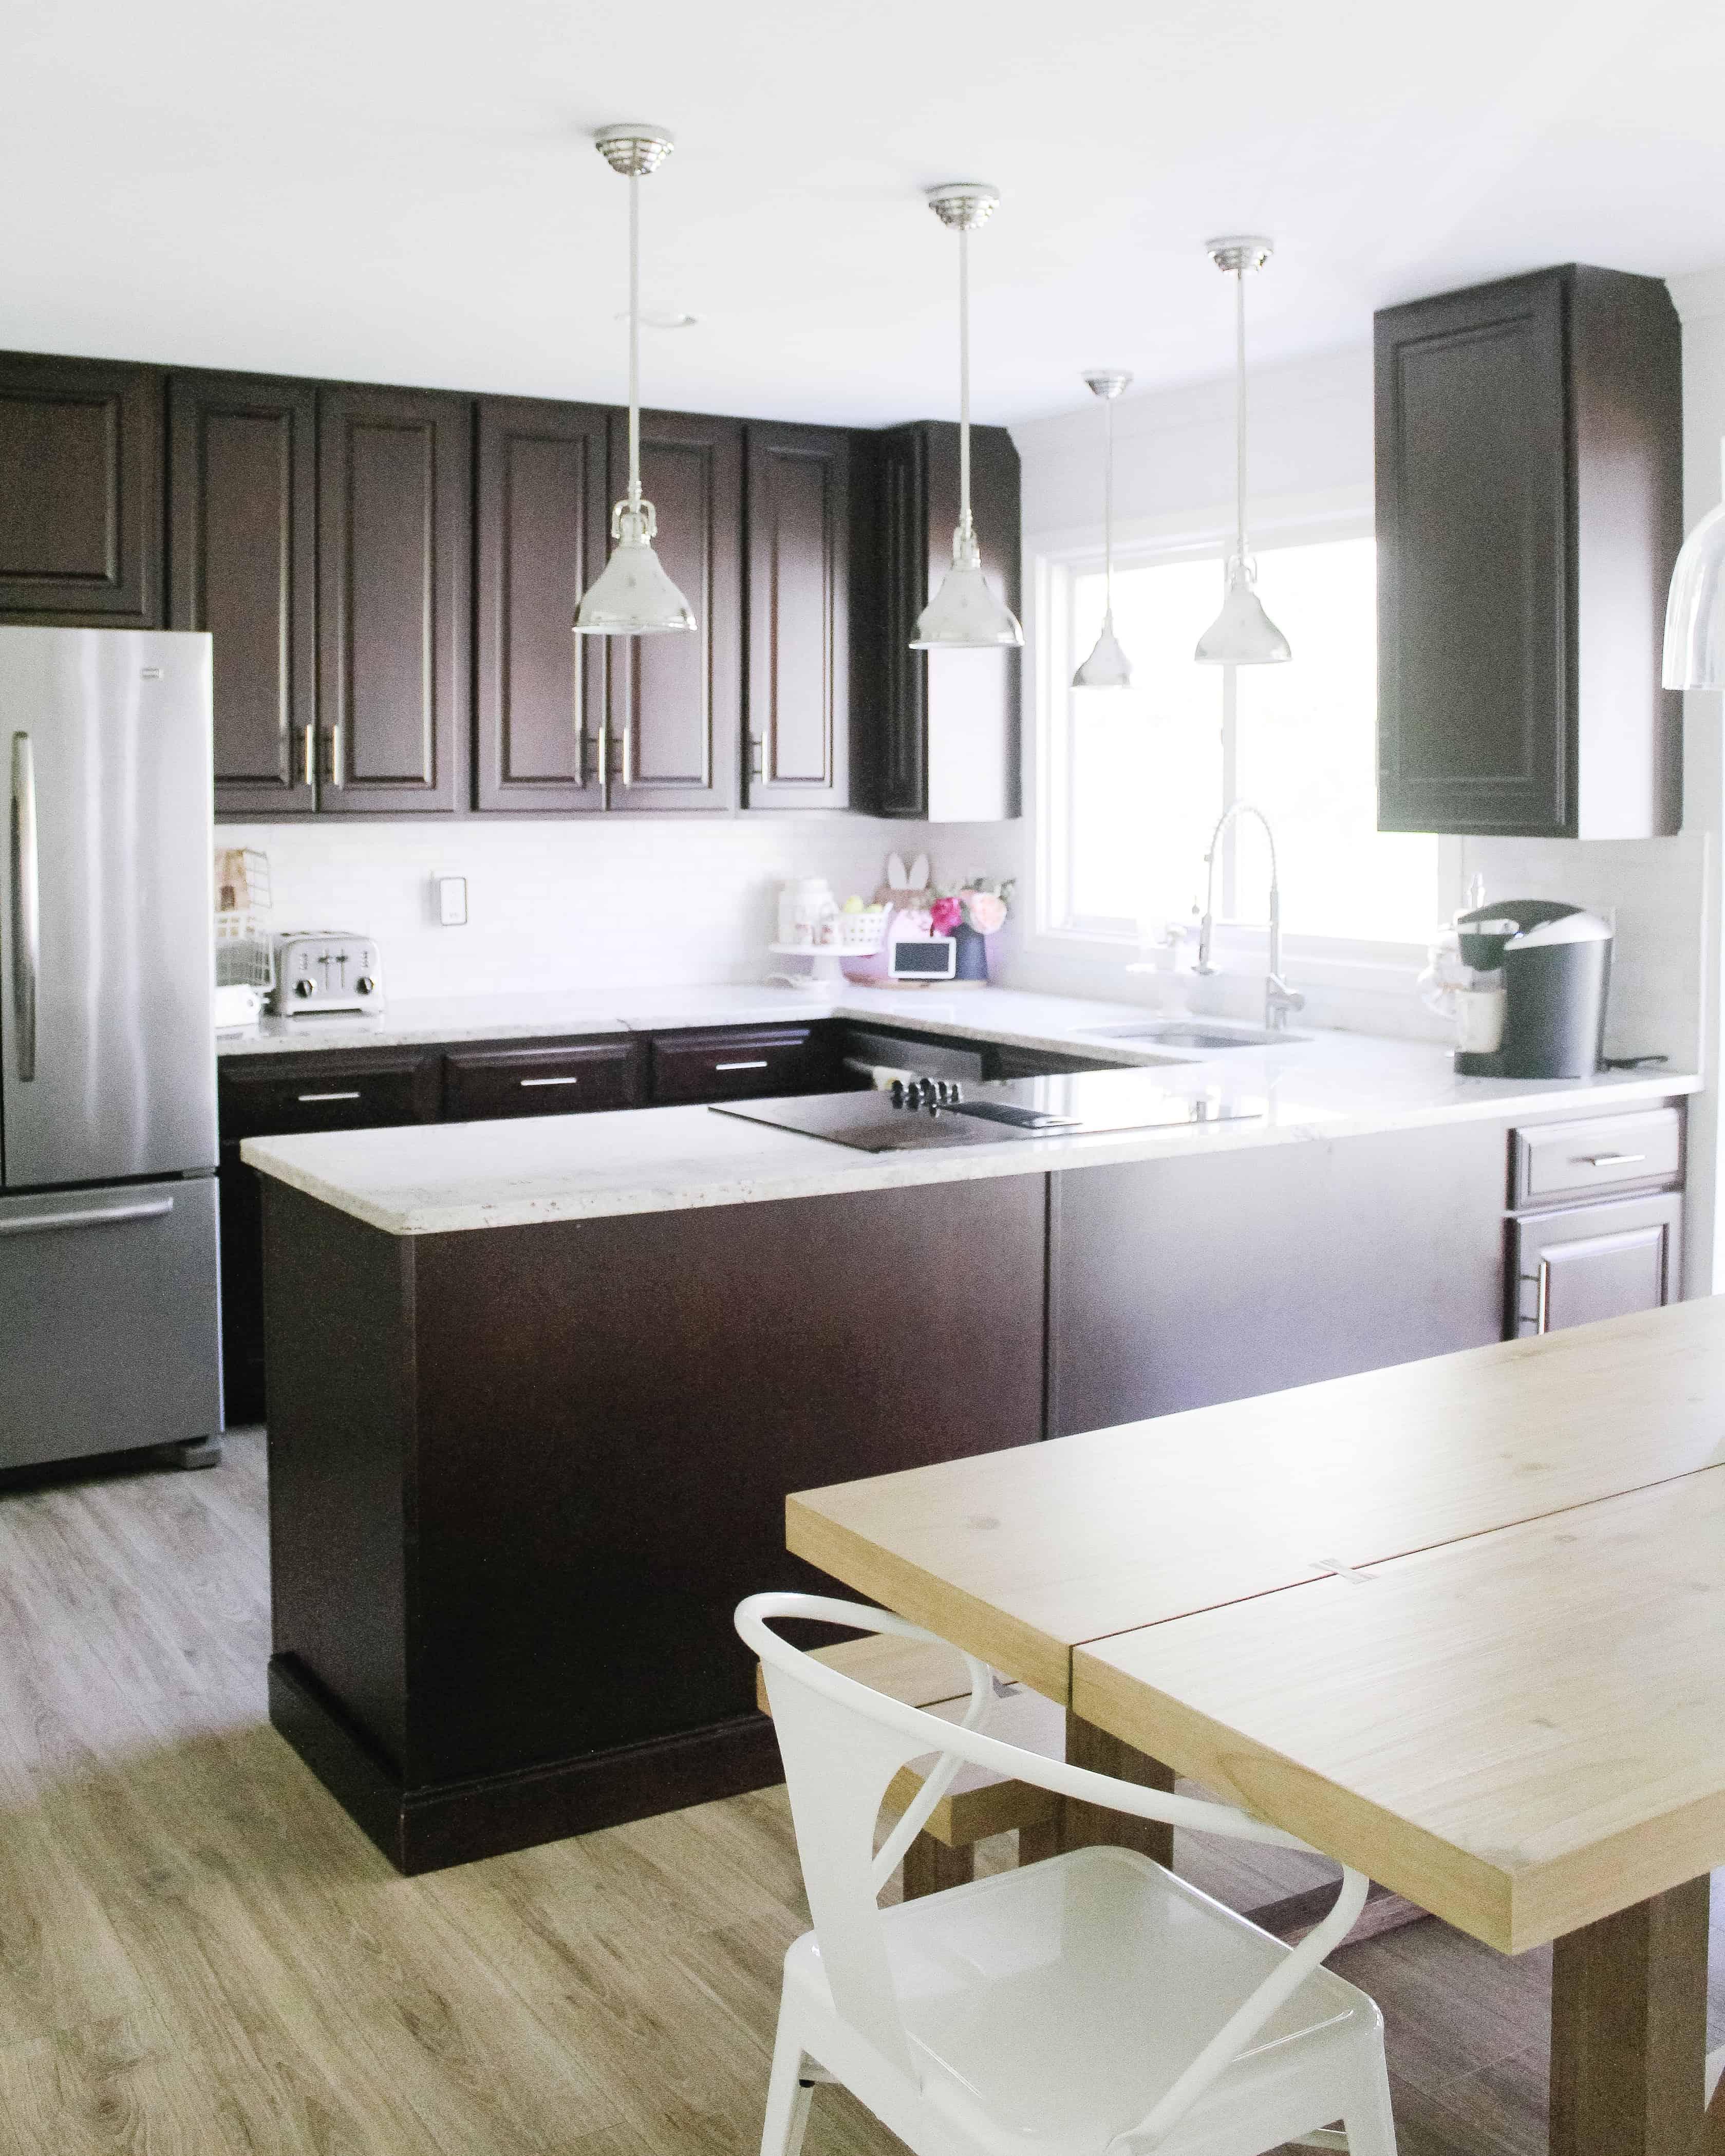 picture of a dark brown kitchen